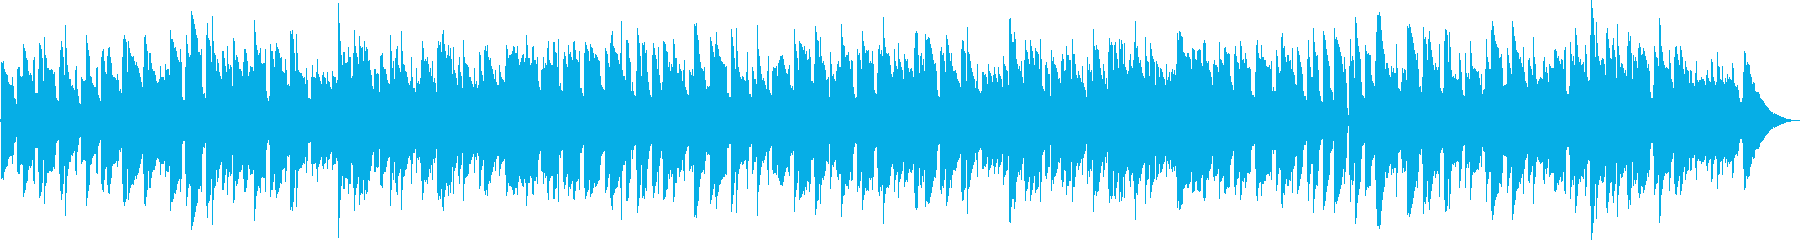 生演奏アコギ・ウクレレ/のんびり平和日常の再生済みの波形